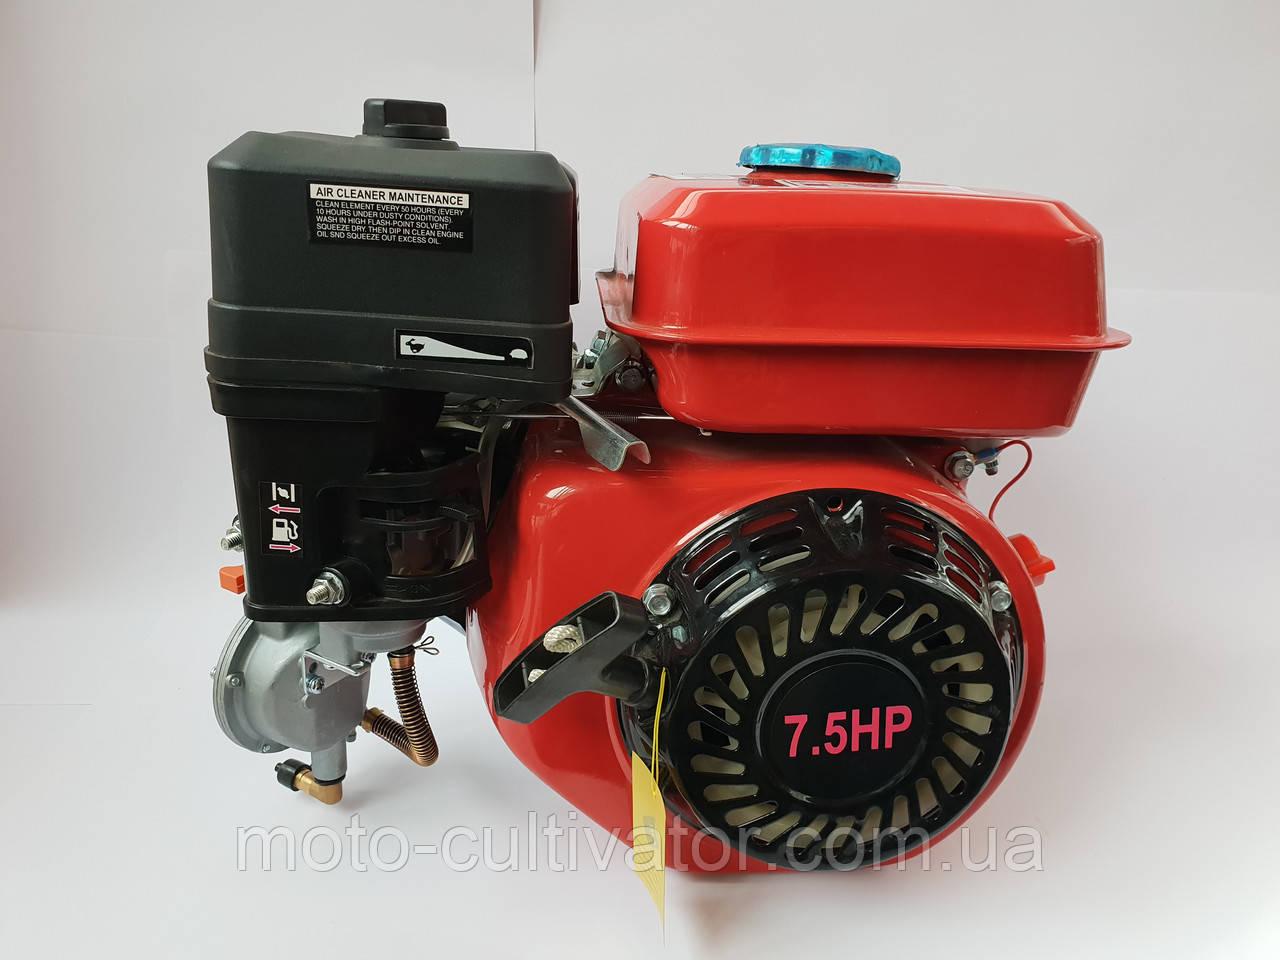 Двигатель с газовым редуктором 7.5 л.с